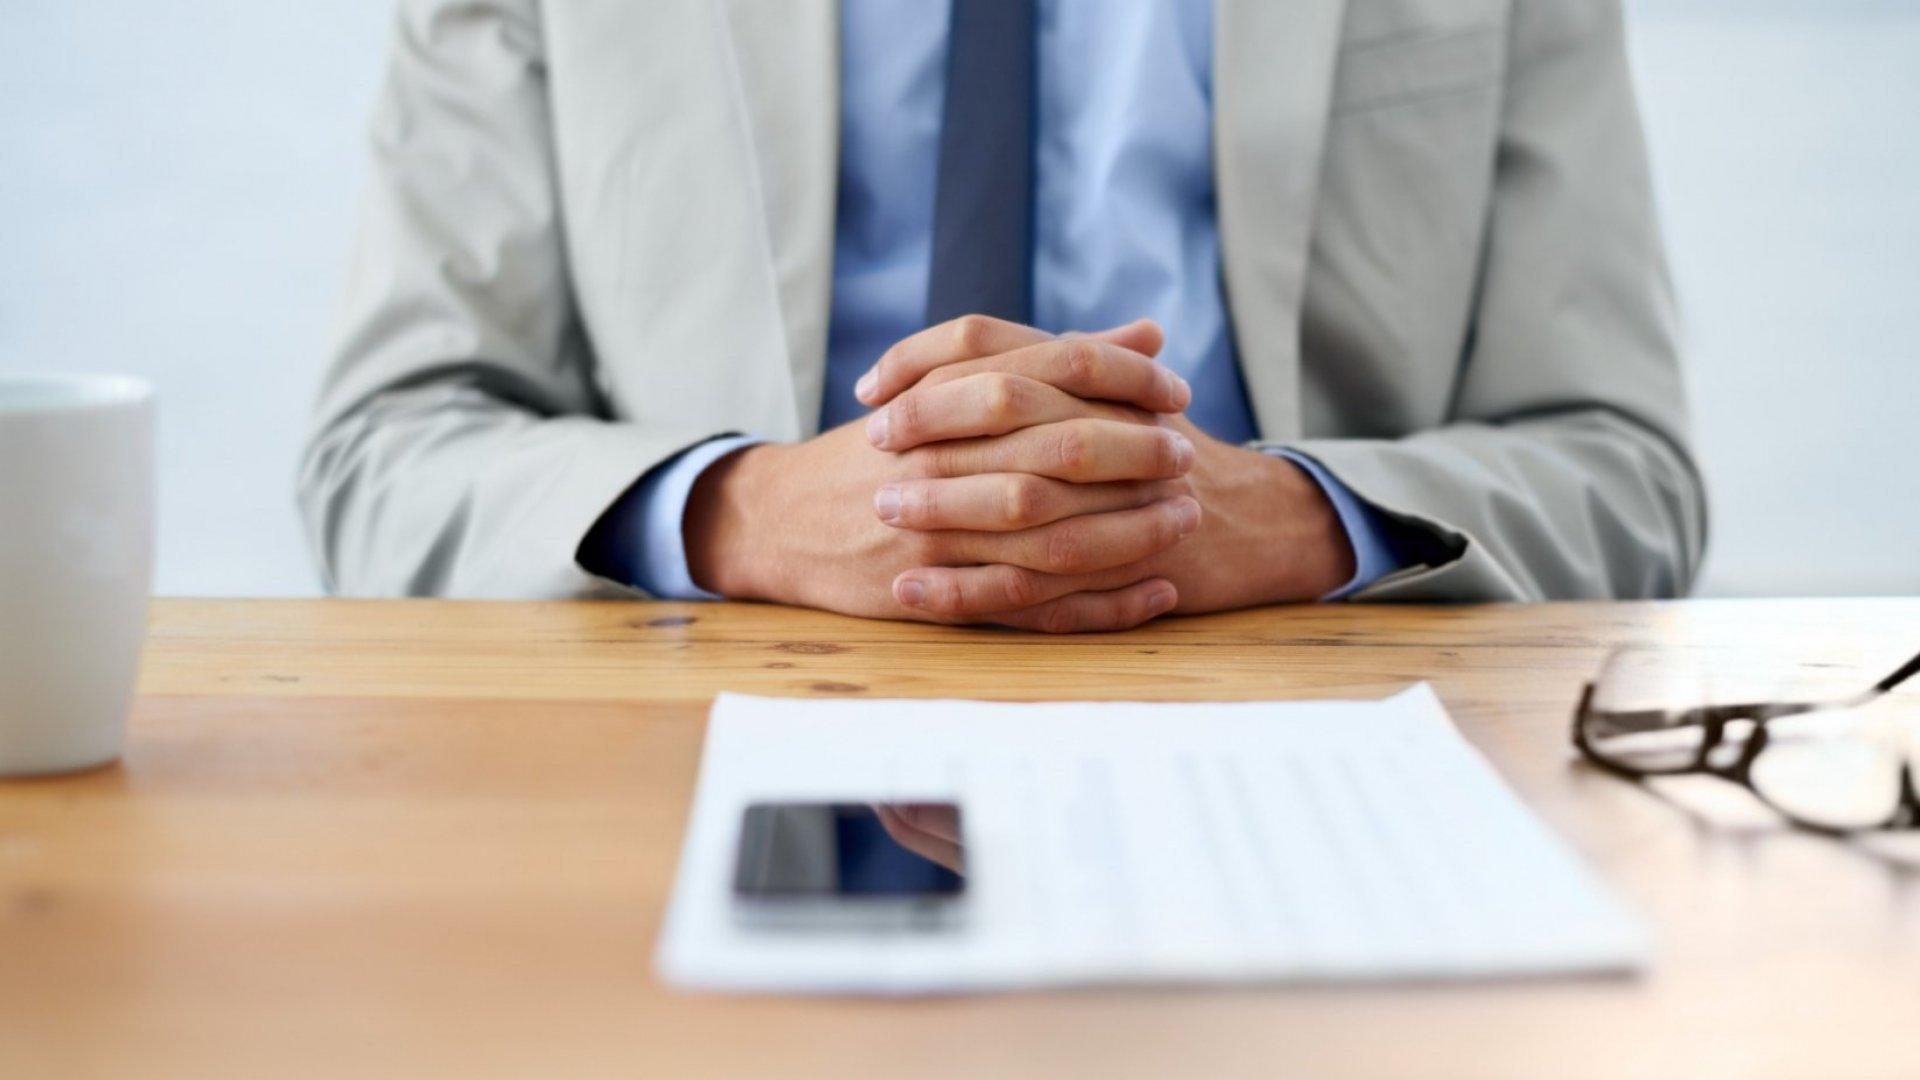 ۲۷ سوال و جواب متداول در مصاحبه های استخدامی از نظر Inc [قسمت اول]